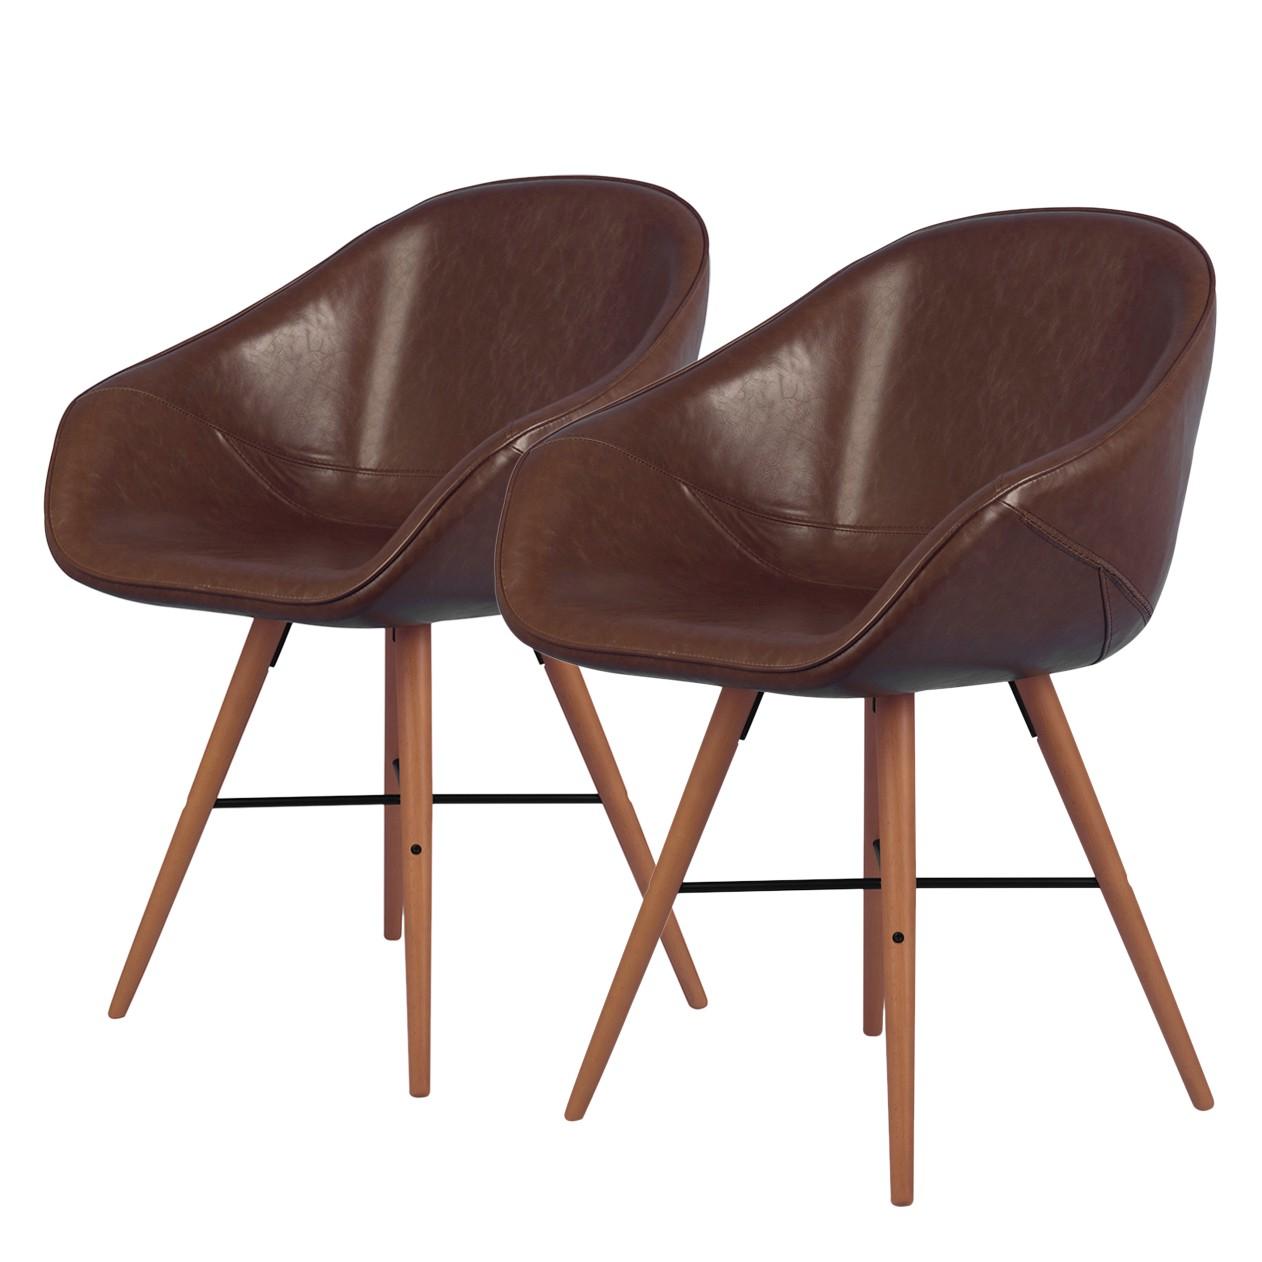 home24 Armlehnenstuhl reSTOL I (2er-Set) | Küche und Esszimmer > Stühle und Hocker > Armlehnstühle | Braun | Kunstleder | Studio Copenhagen